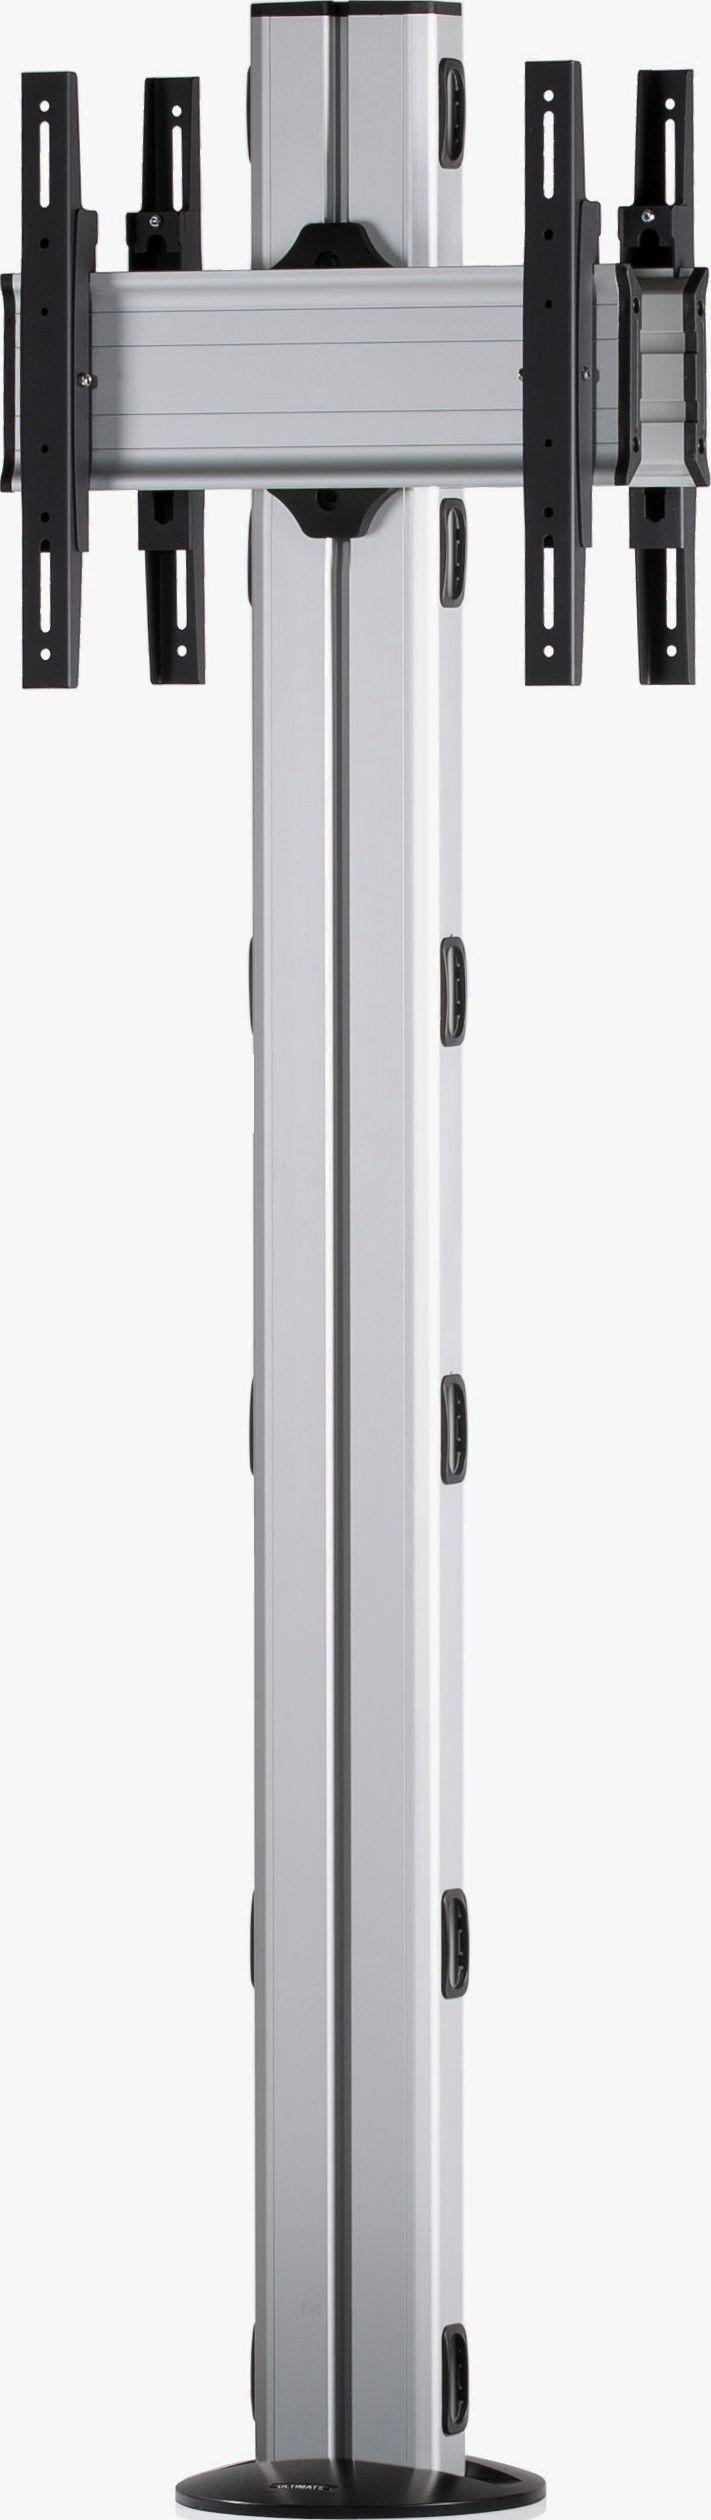 2 Displays 1×1 beidseitig, Höhe 180 cm, Standard-VESA, zur Bodenbefestigung